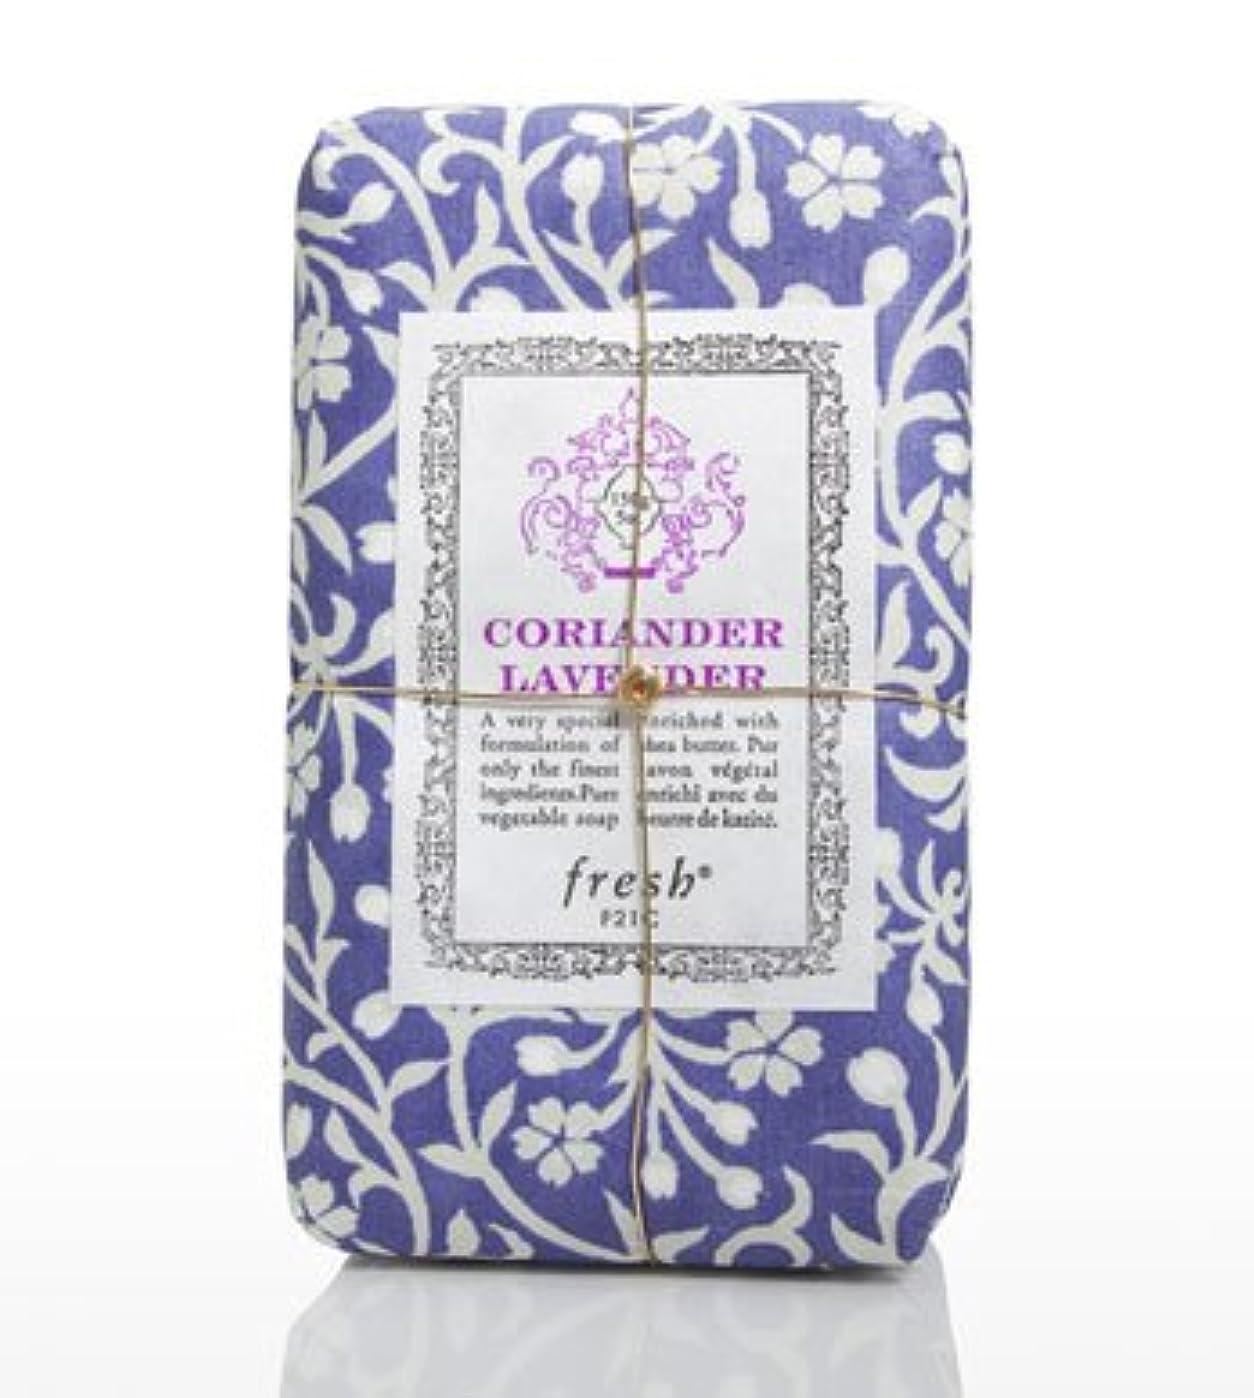 いちゃつく有名集中Fresh CORIANDER LAVENDAR SOAP(フレッシュ コリアンダーラベンダー ソープ) 5.0 oz (150gl) 石鹸 by Fresh